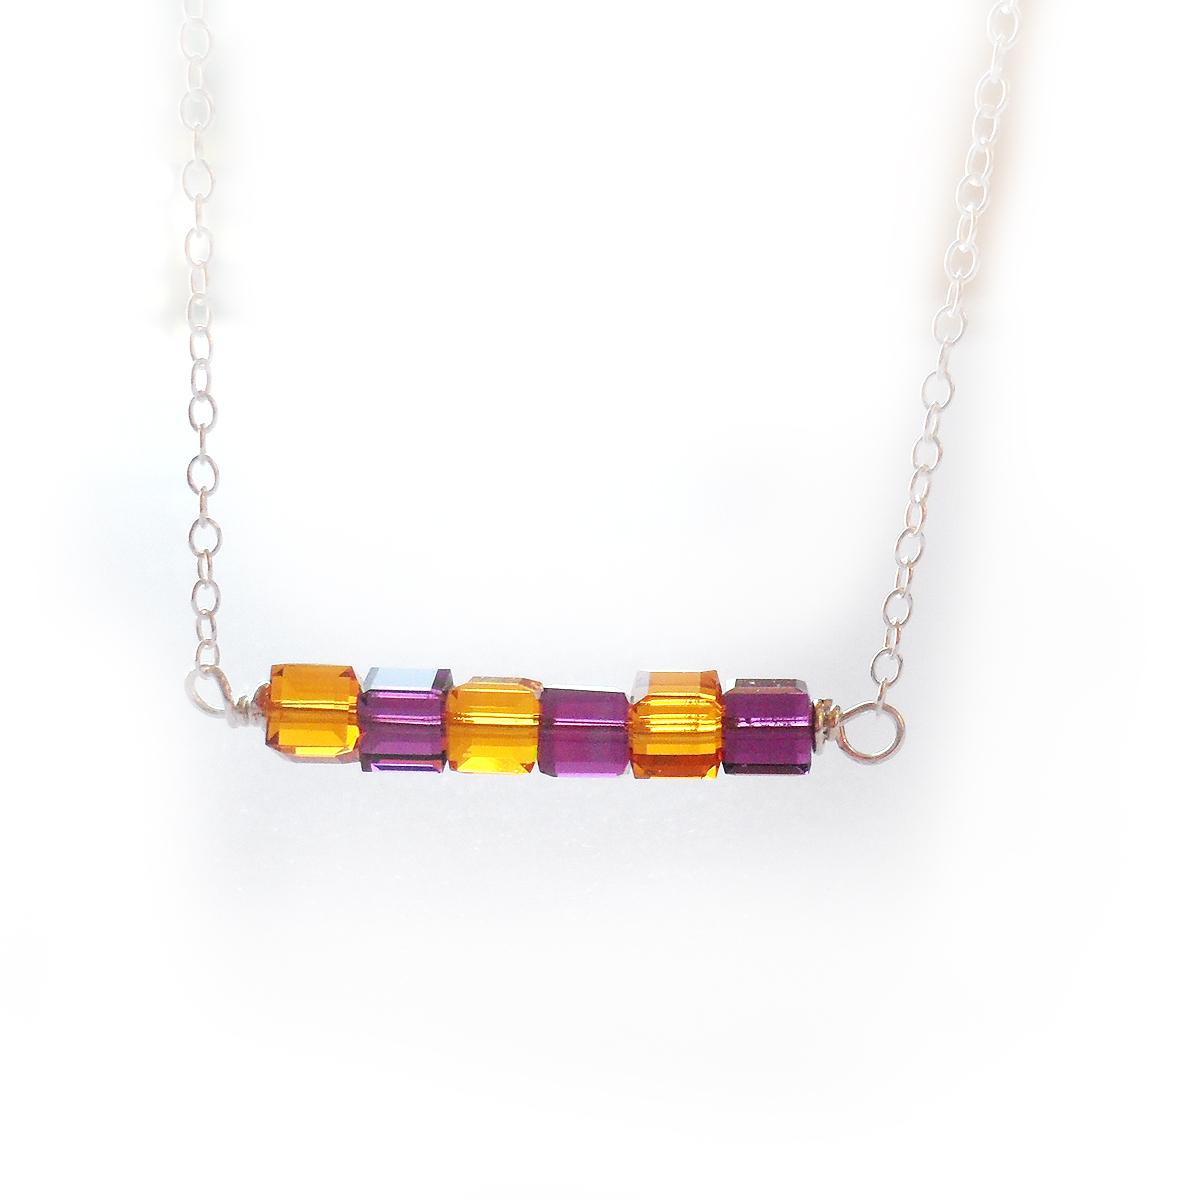 collar-daniela-en-cubos-de-cristales-de-swarovski-naranja-y-lila-4